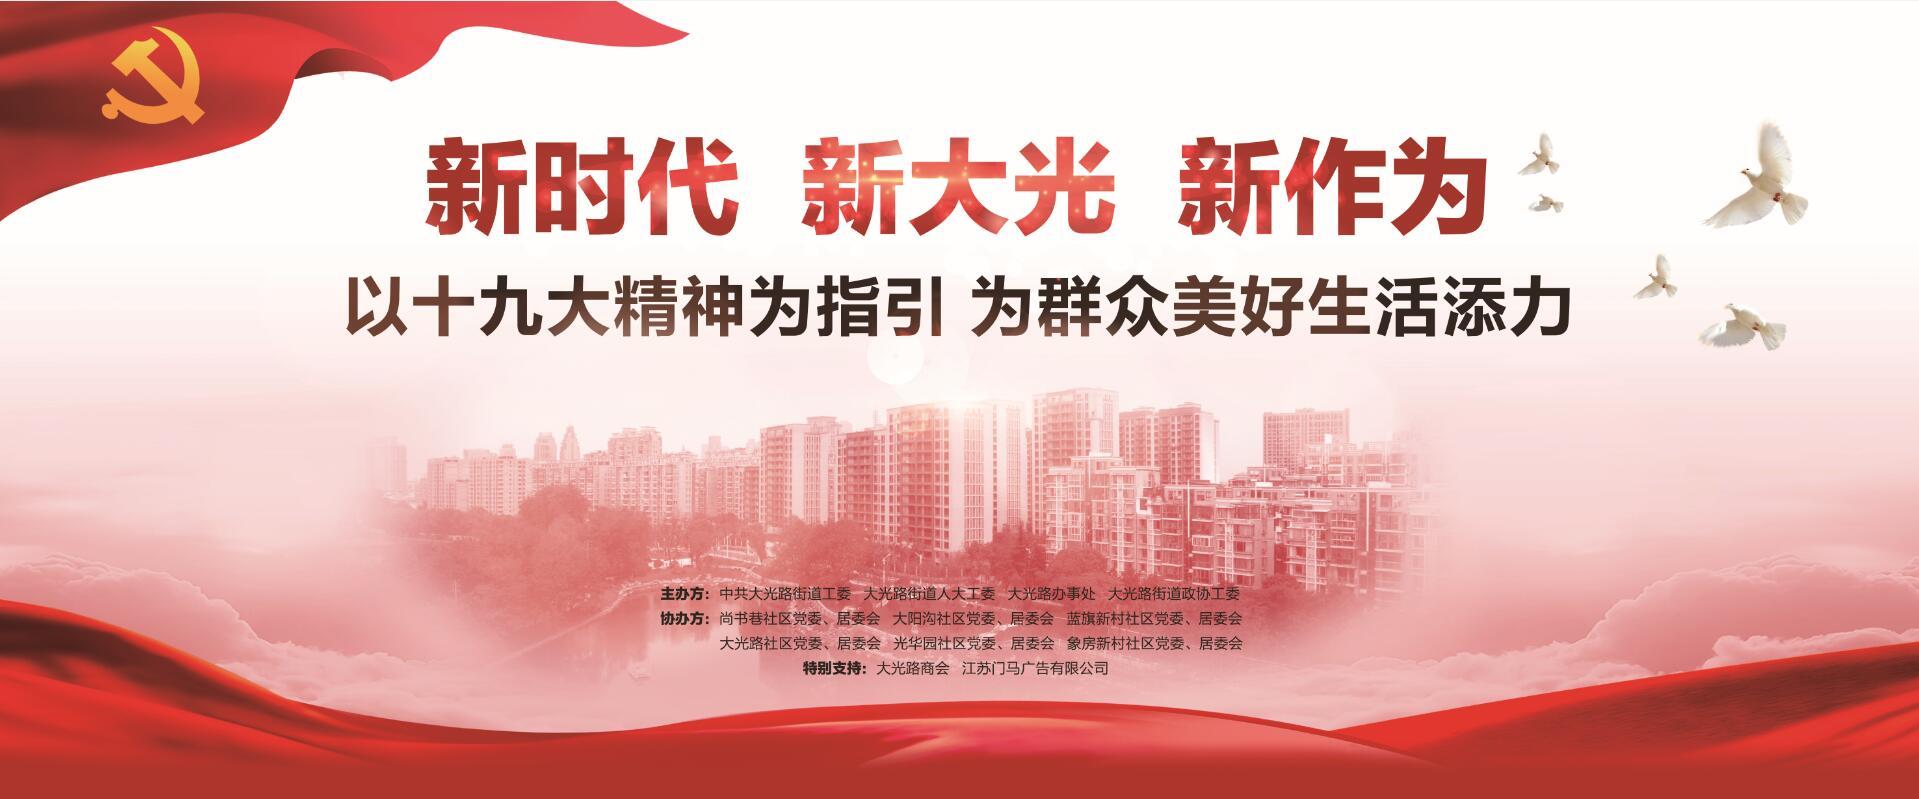 万博体育官网betmax广告助力大光路街道宣传十九大精神文艺活动成功举办